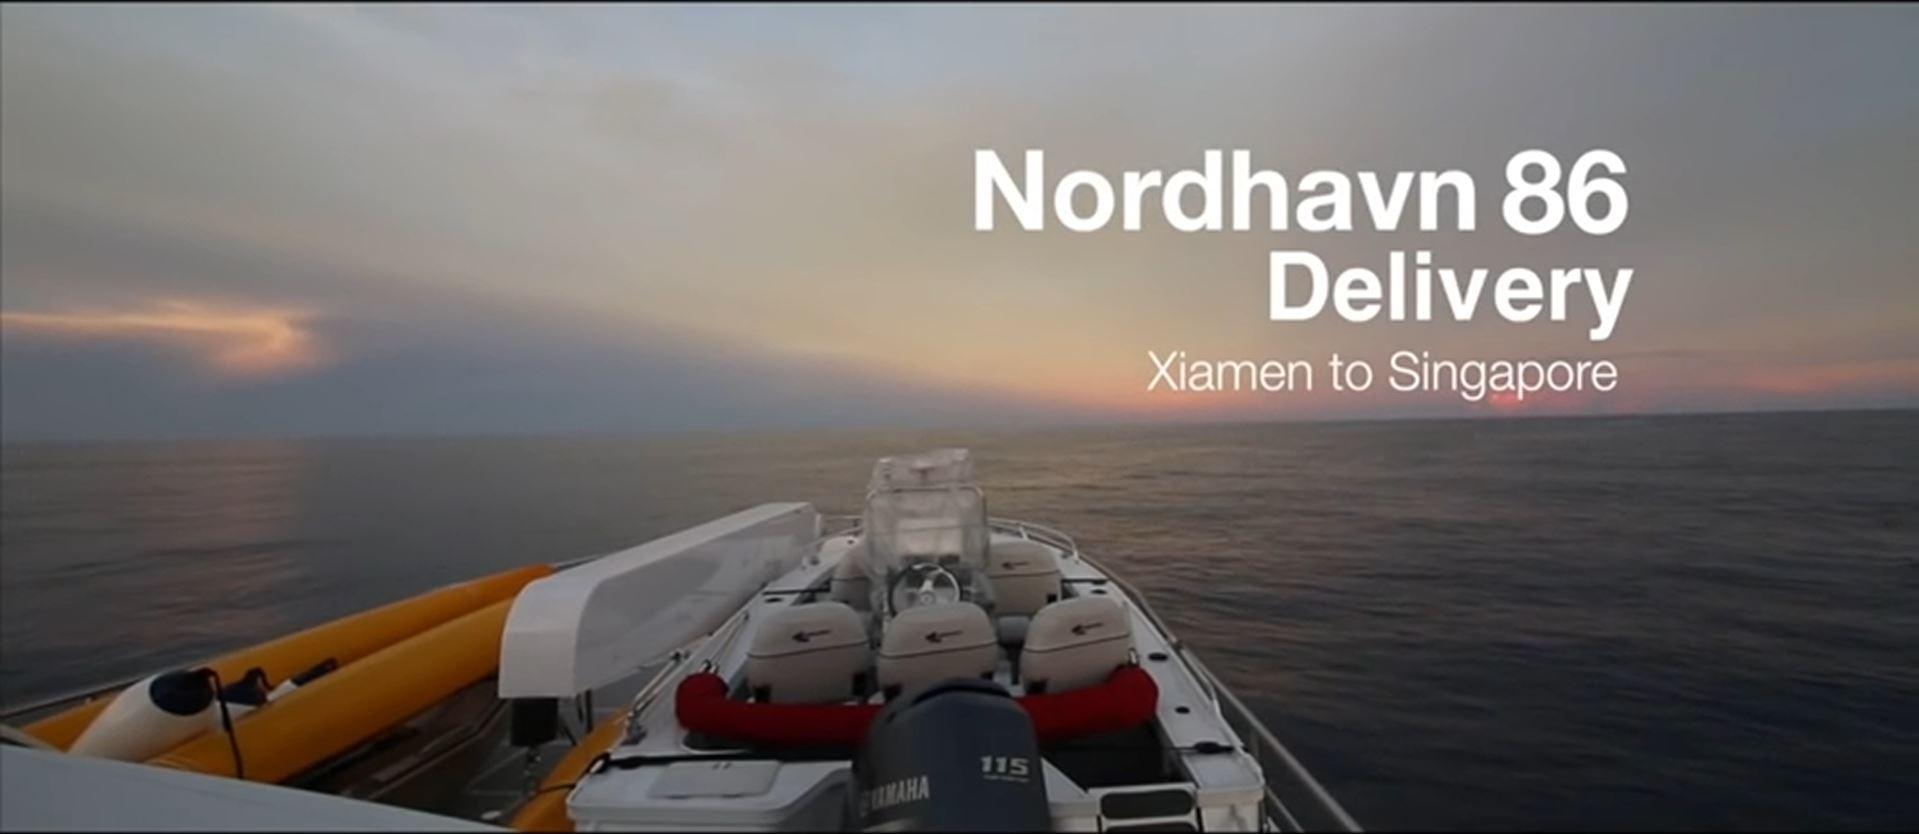 Nordhavn 86 delivery